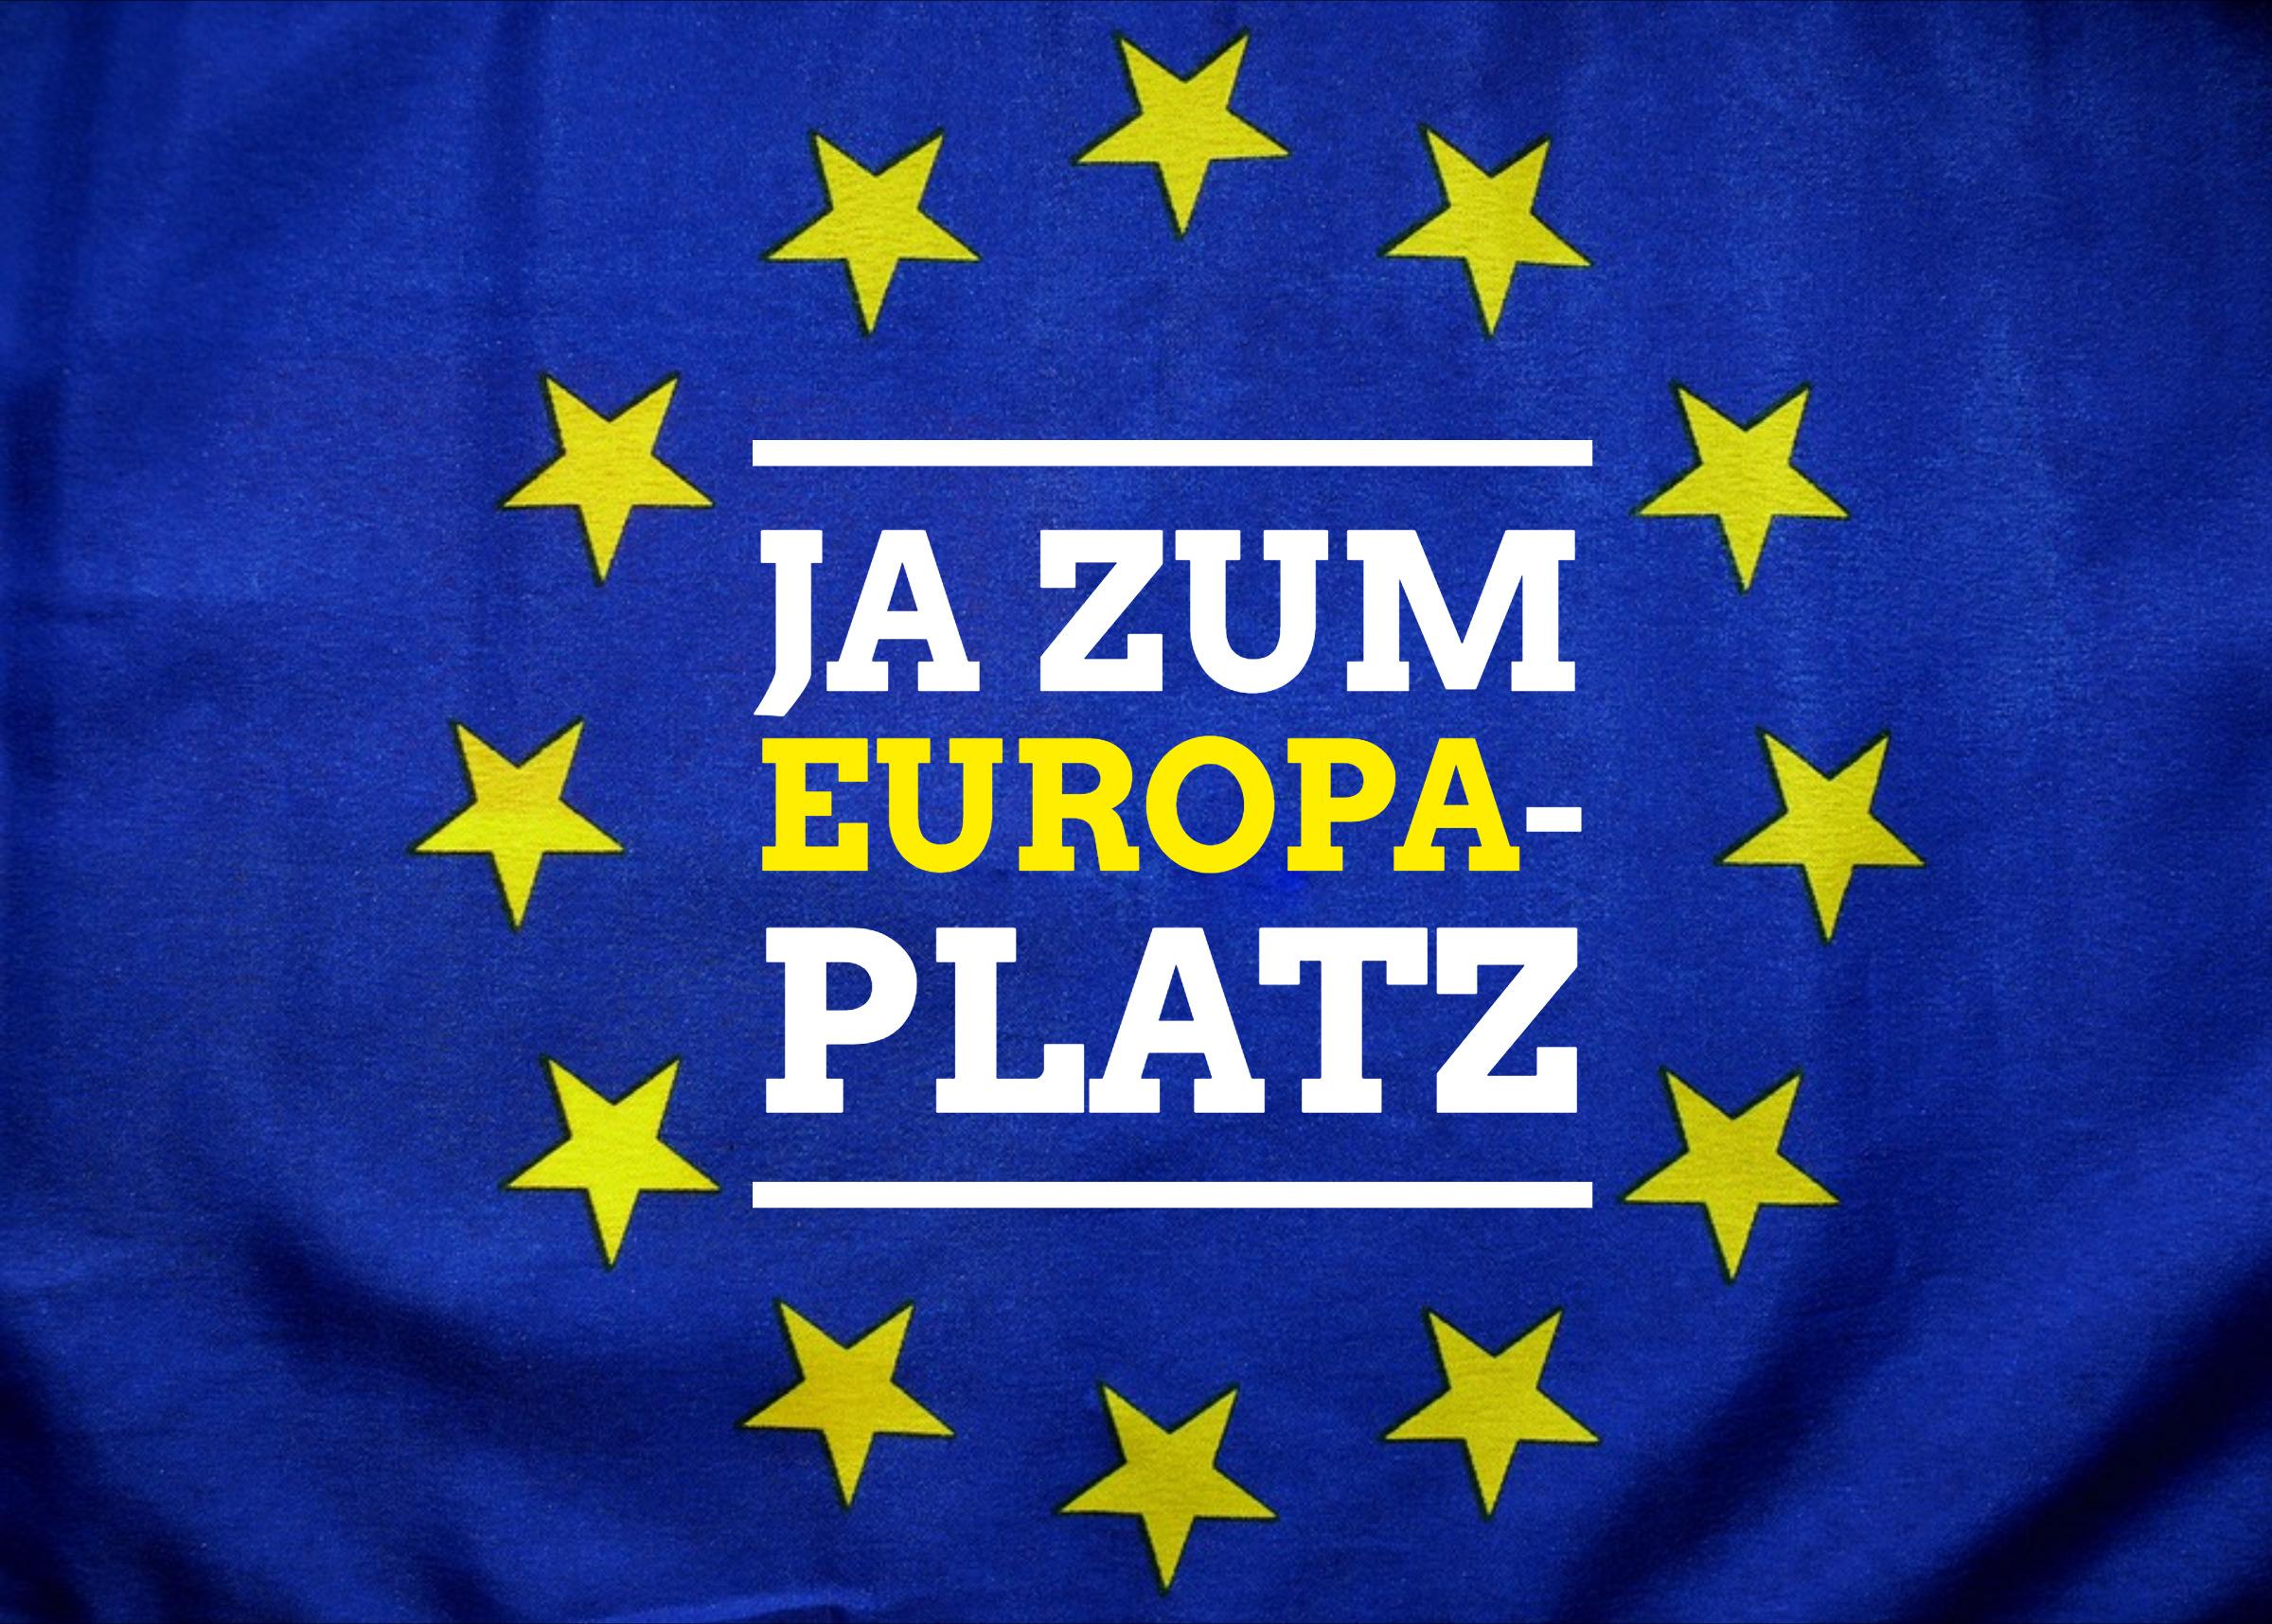 """""""Europa ist die zentrale Idee einer Überwindung nationalstaatlichen Denkens und friedlichen Zusammenlebens"""""""